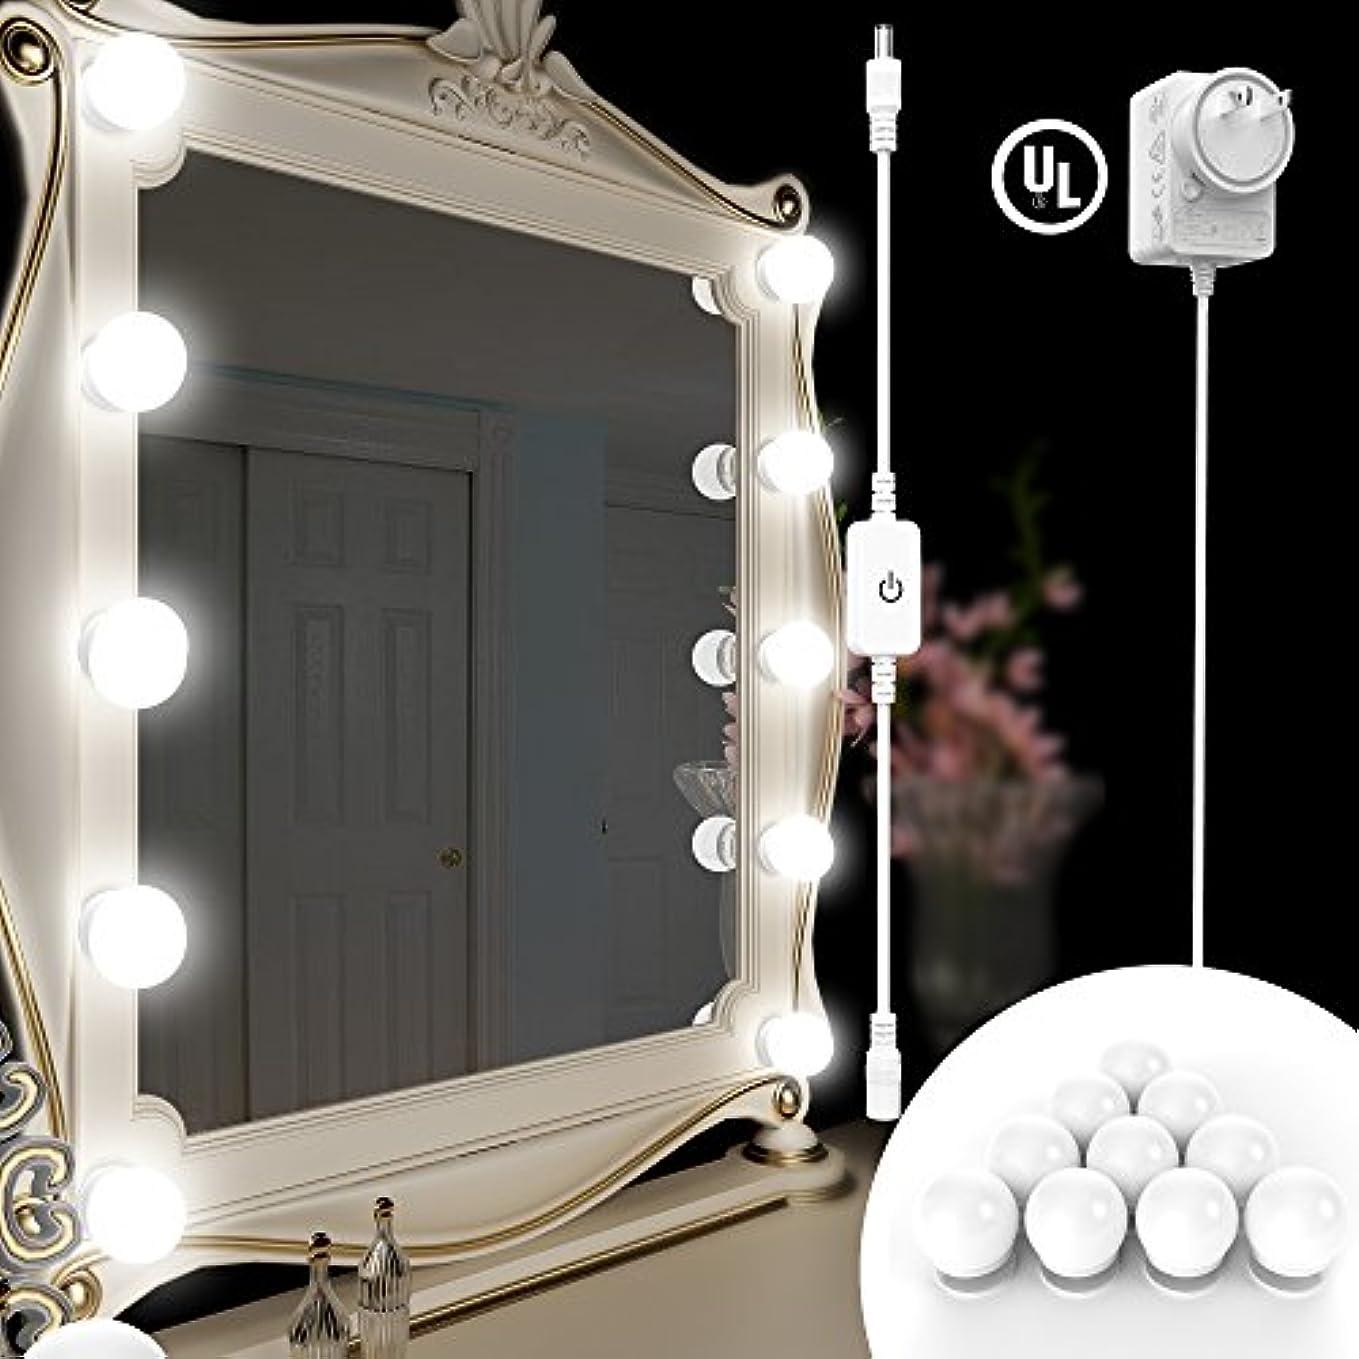 詩人哀変色するBlueFire DIY 化粧鏡 LEDライト 女優ミラーライト ハリウッドライト ドレッサーライト 10個LED電球 明るさ調節可能 全長3.6M 隠し配線 メイクアップミラーライト バニティミラーライトキット